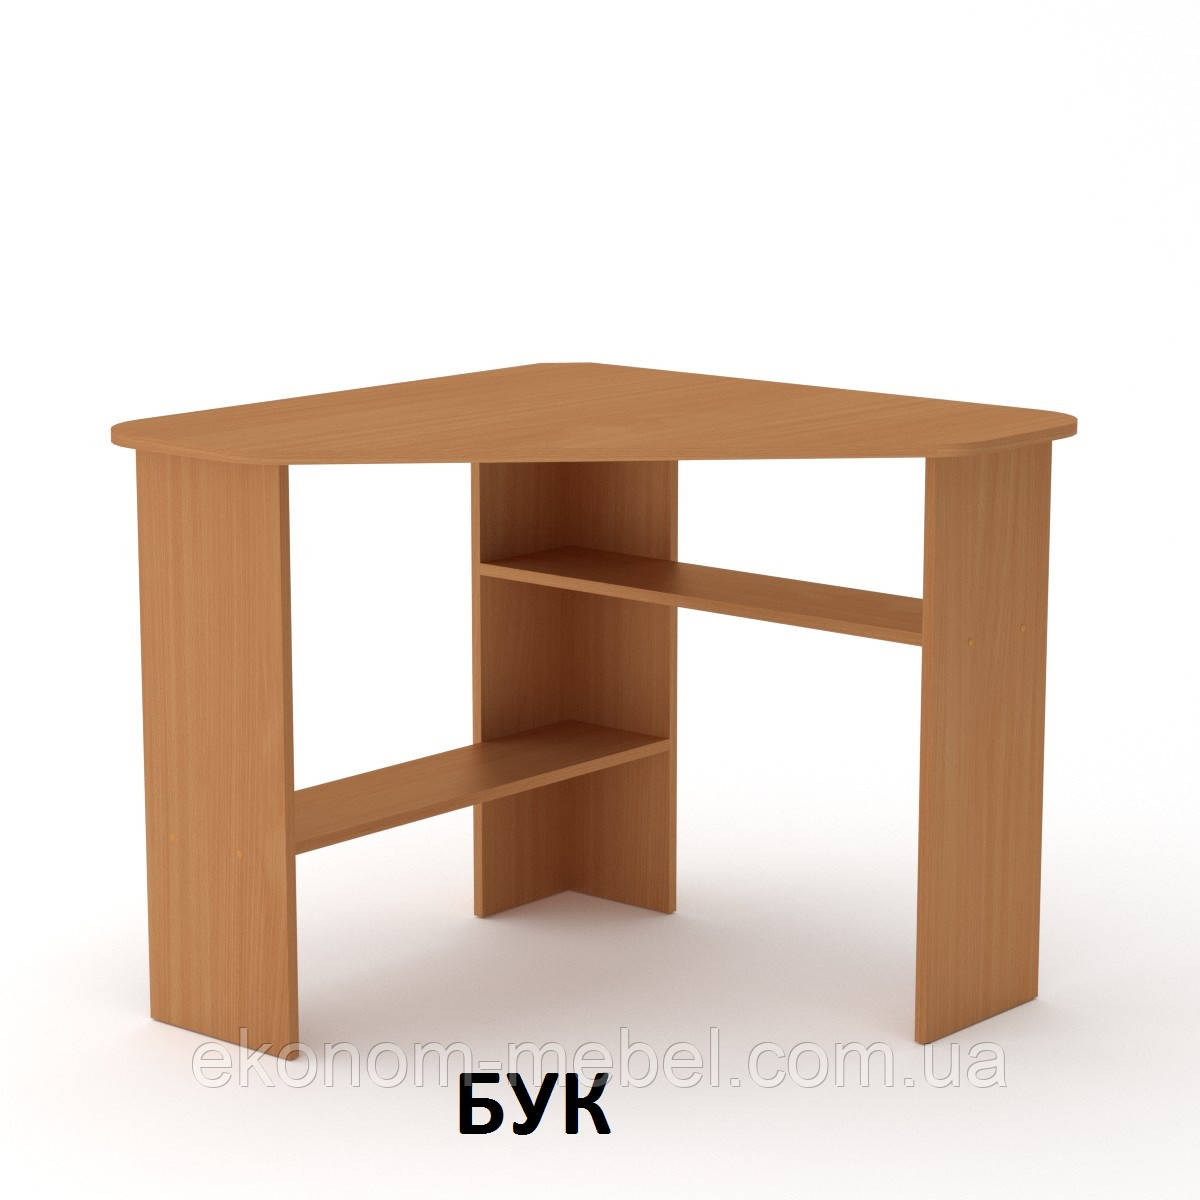 Стол письменный угловой Ученик-2 для ребенка, подростка, в офис, под ноутбук